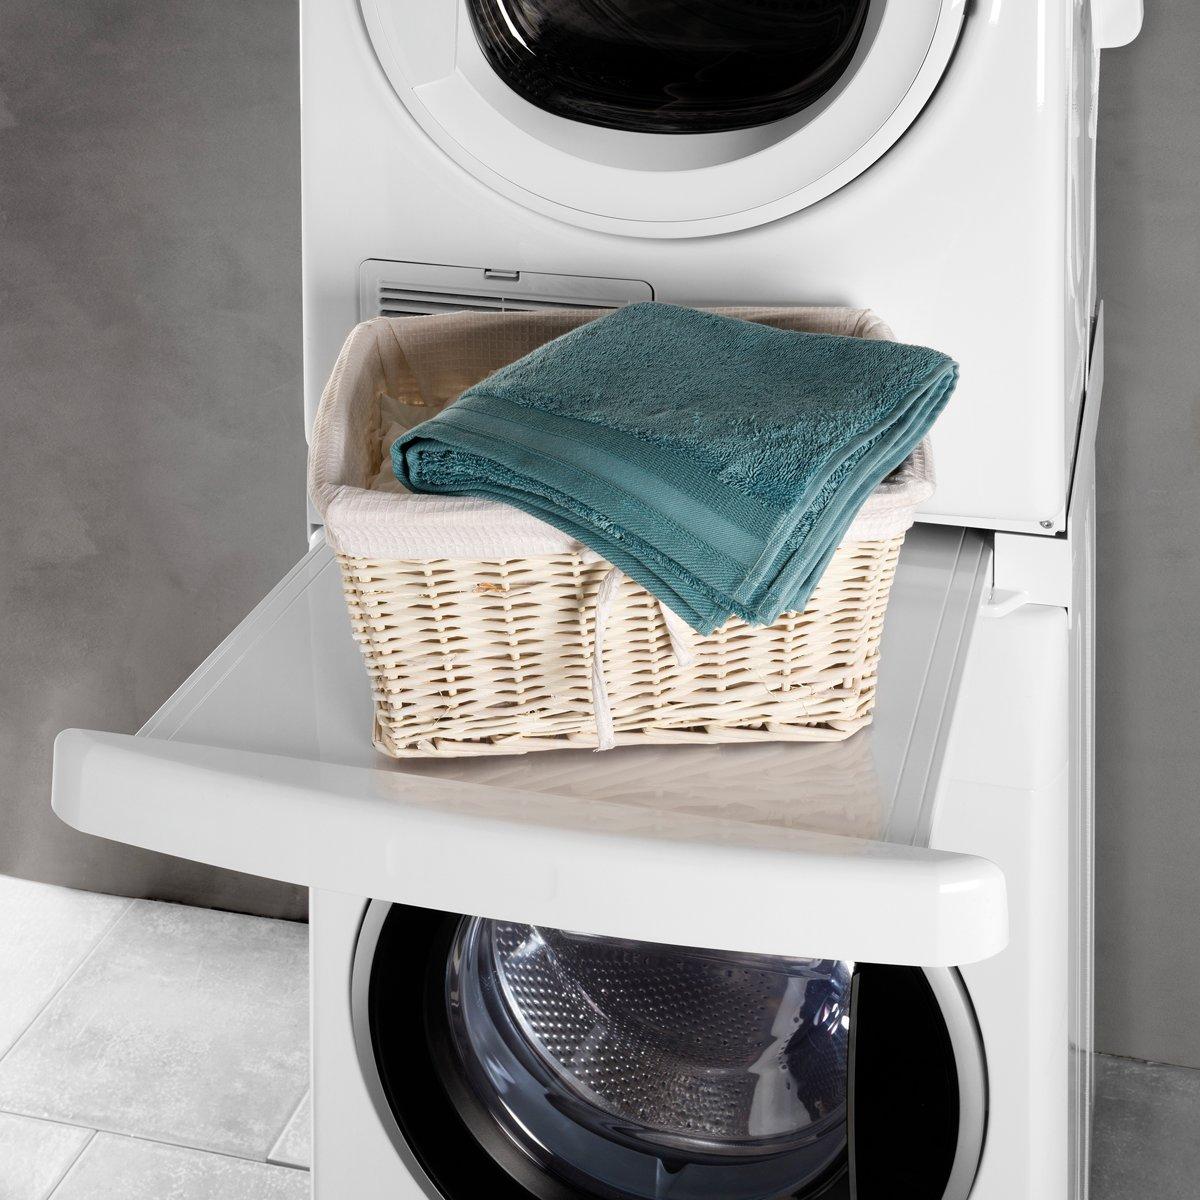 Verbazingwekkend Kan ik mijn droger op de wasmachine stapelen? BX-99